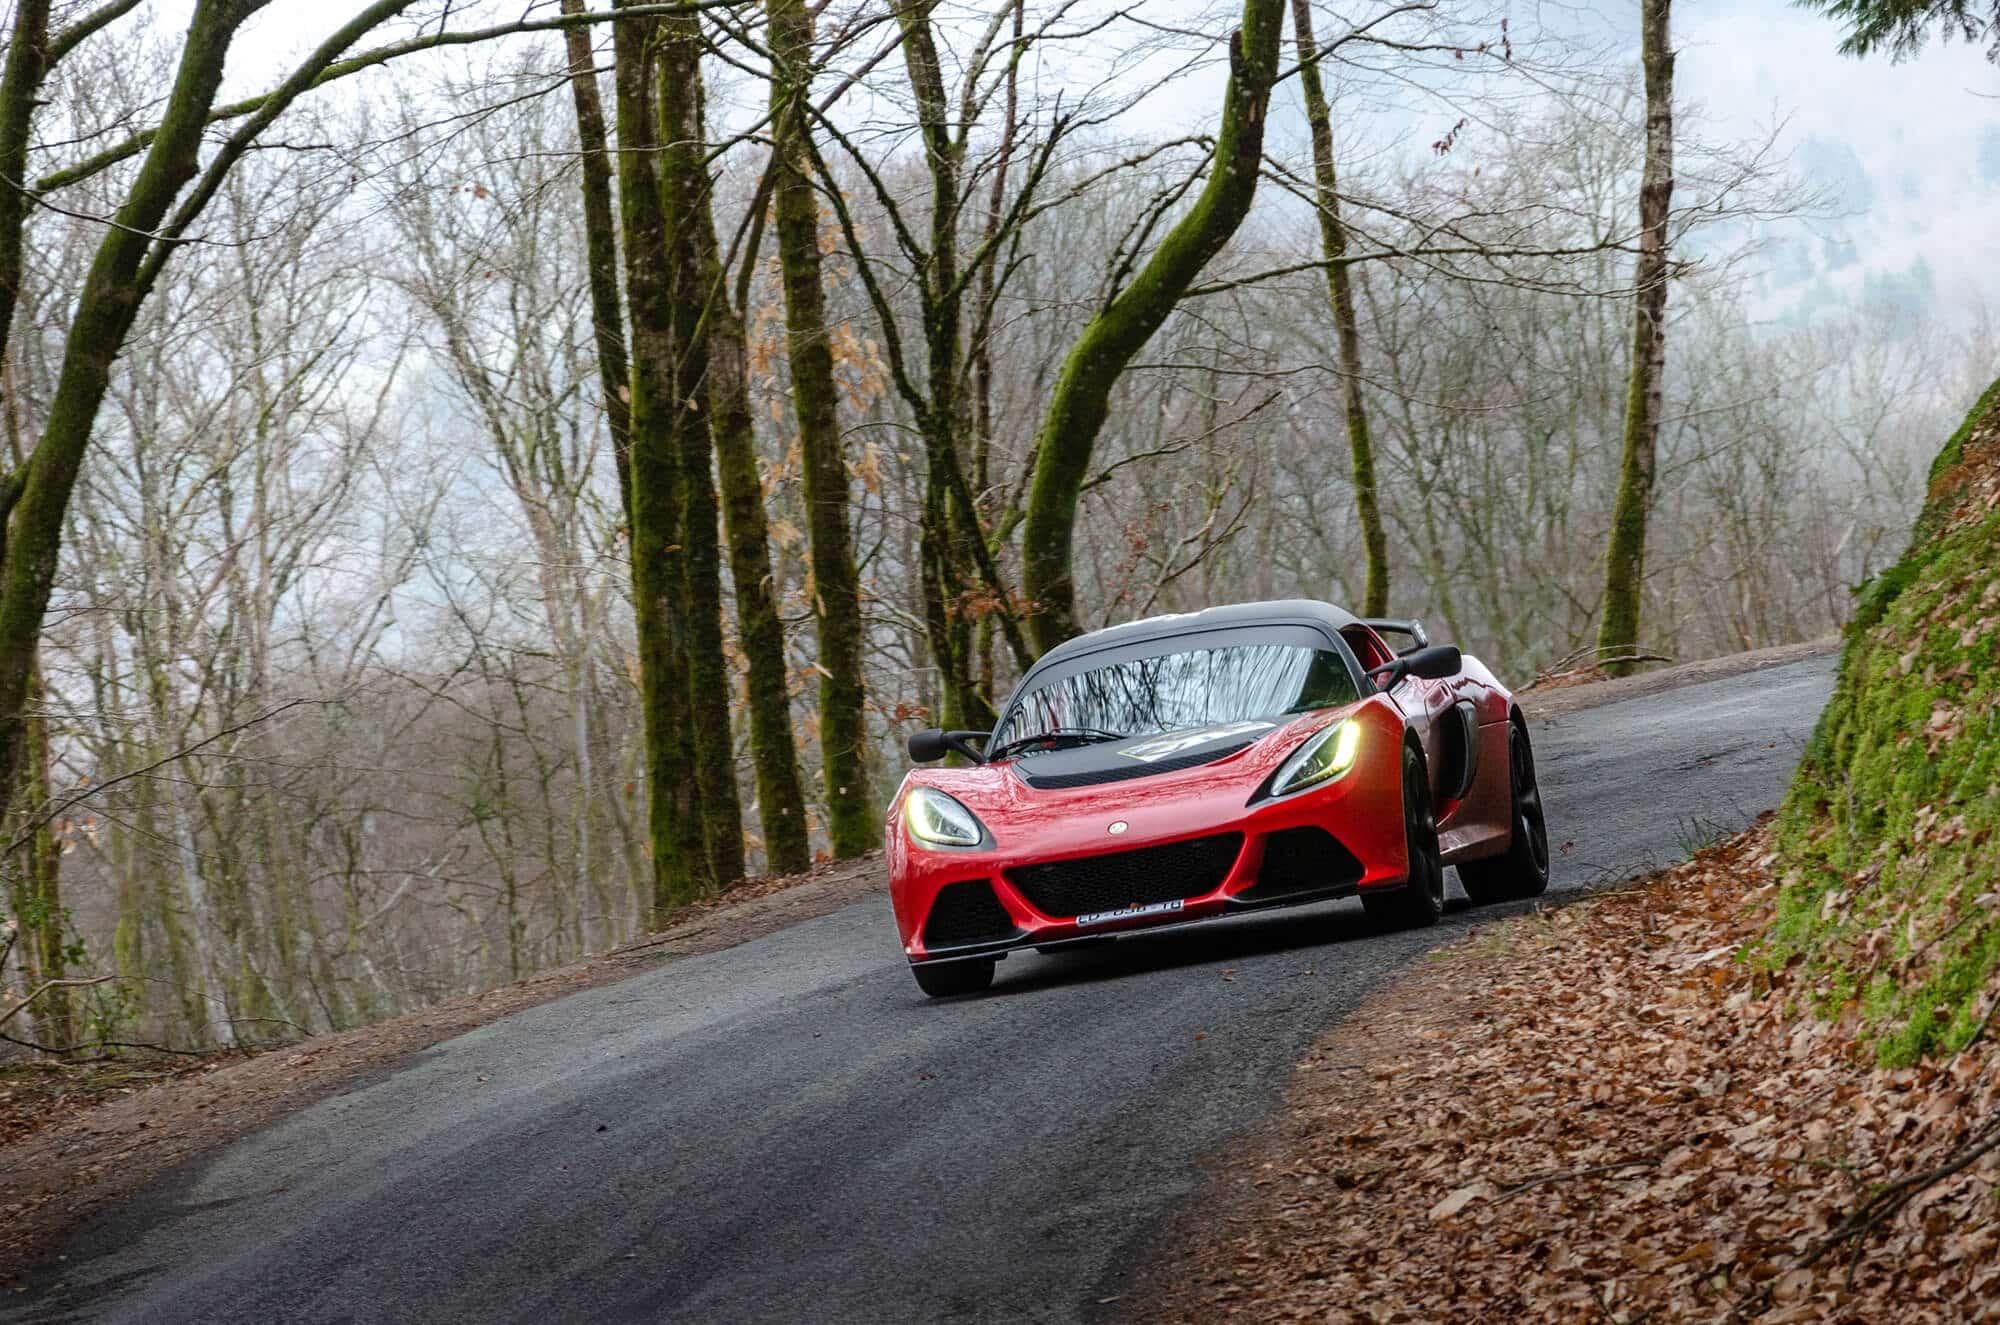 Lotus-Exige-350-location-sur-route-mariage-bapteme-EVJG-EVJF-Limoges